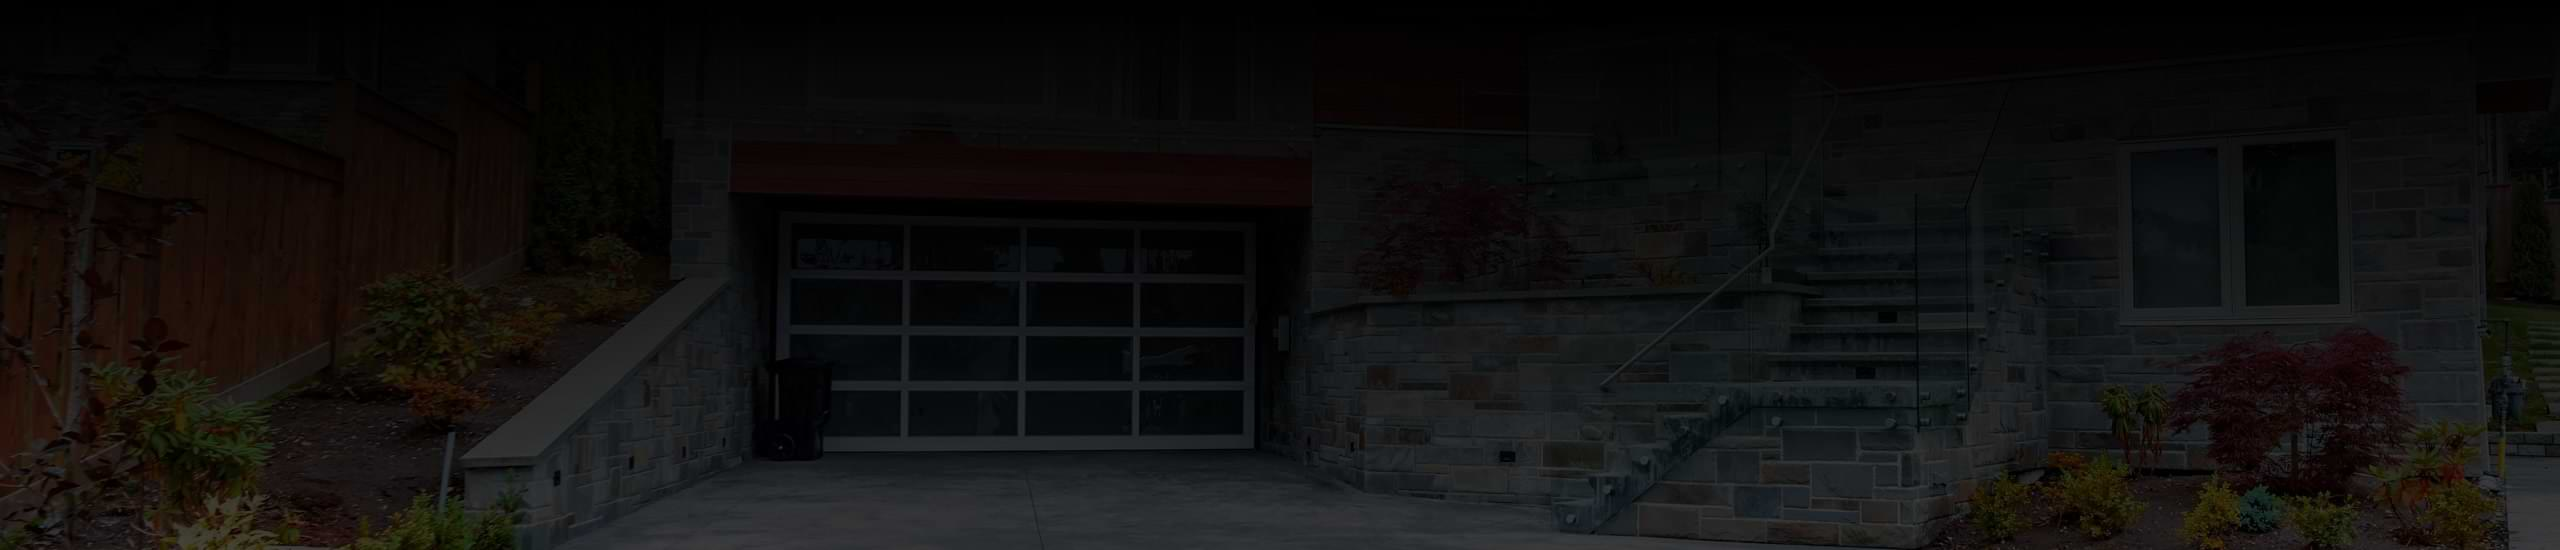 garage-door-page-headimg-d1